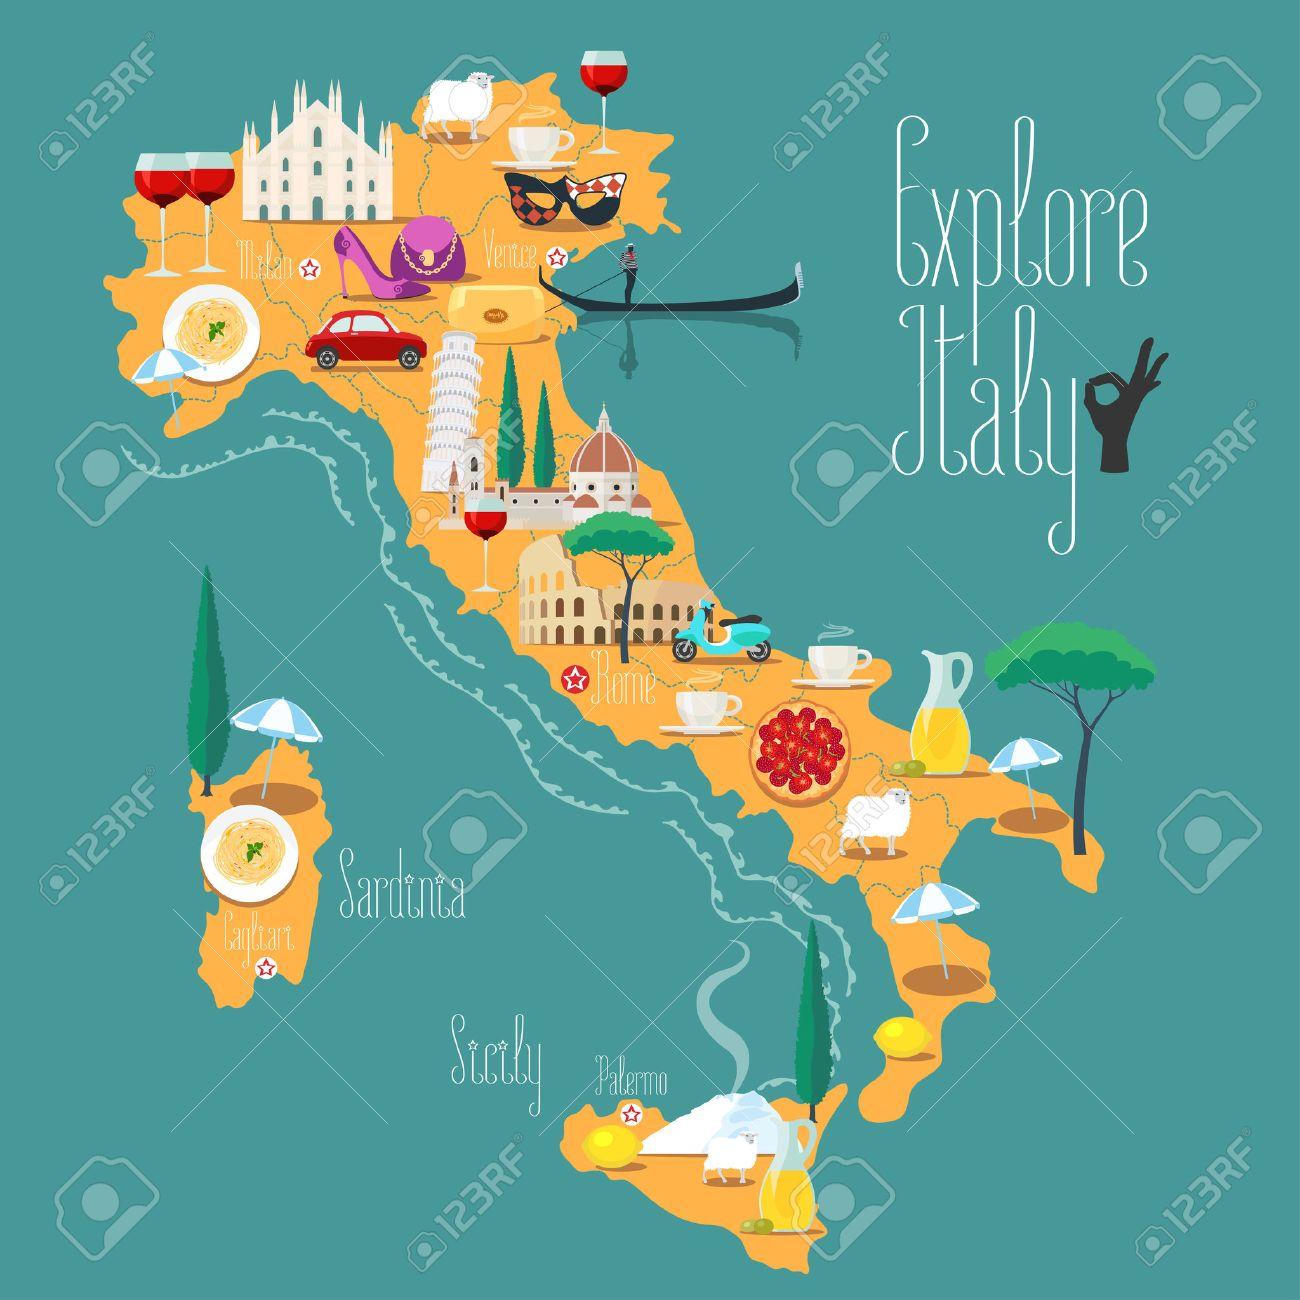 Carte Italie Et Sardaigne.Carte De L Italie Illustration Vectorielle La Conception Icones